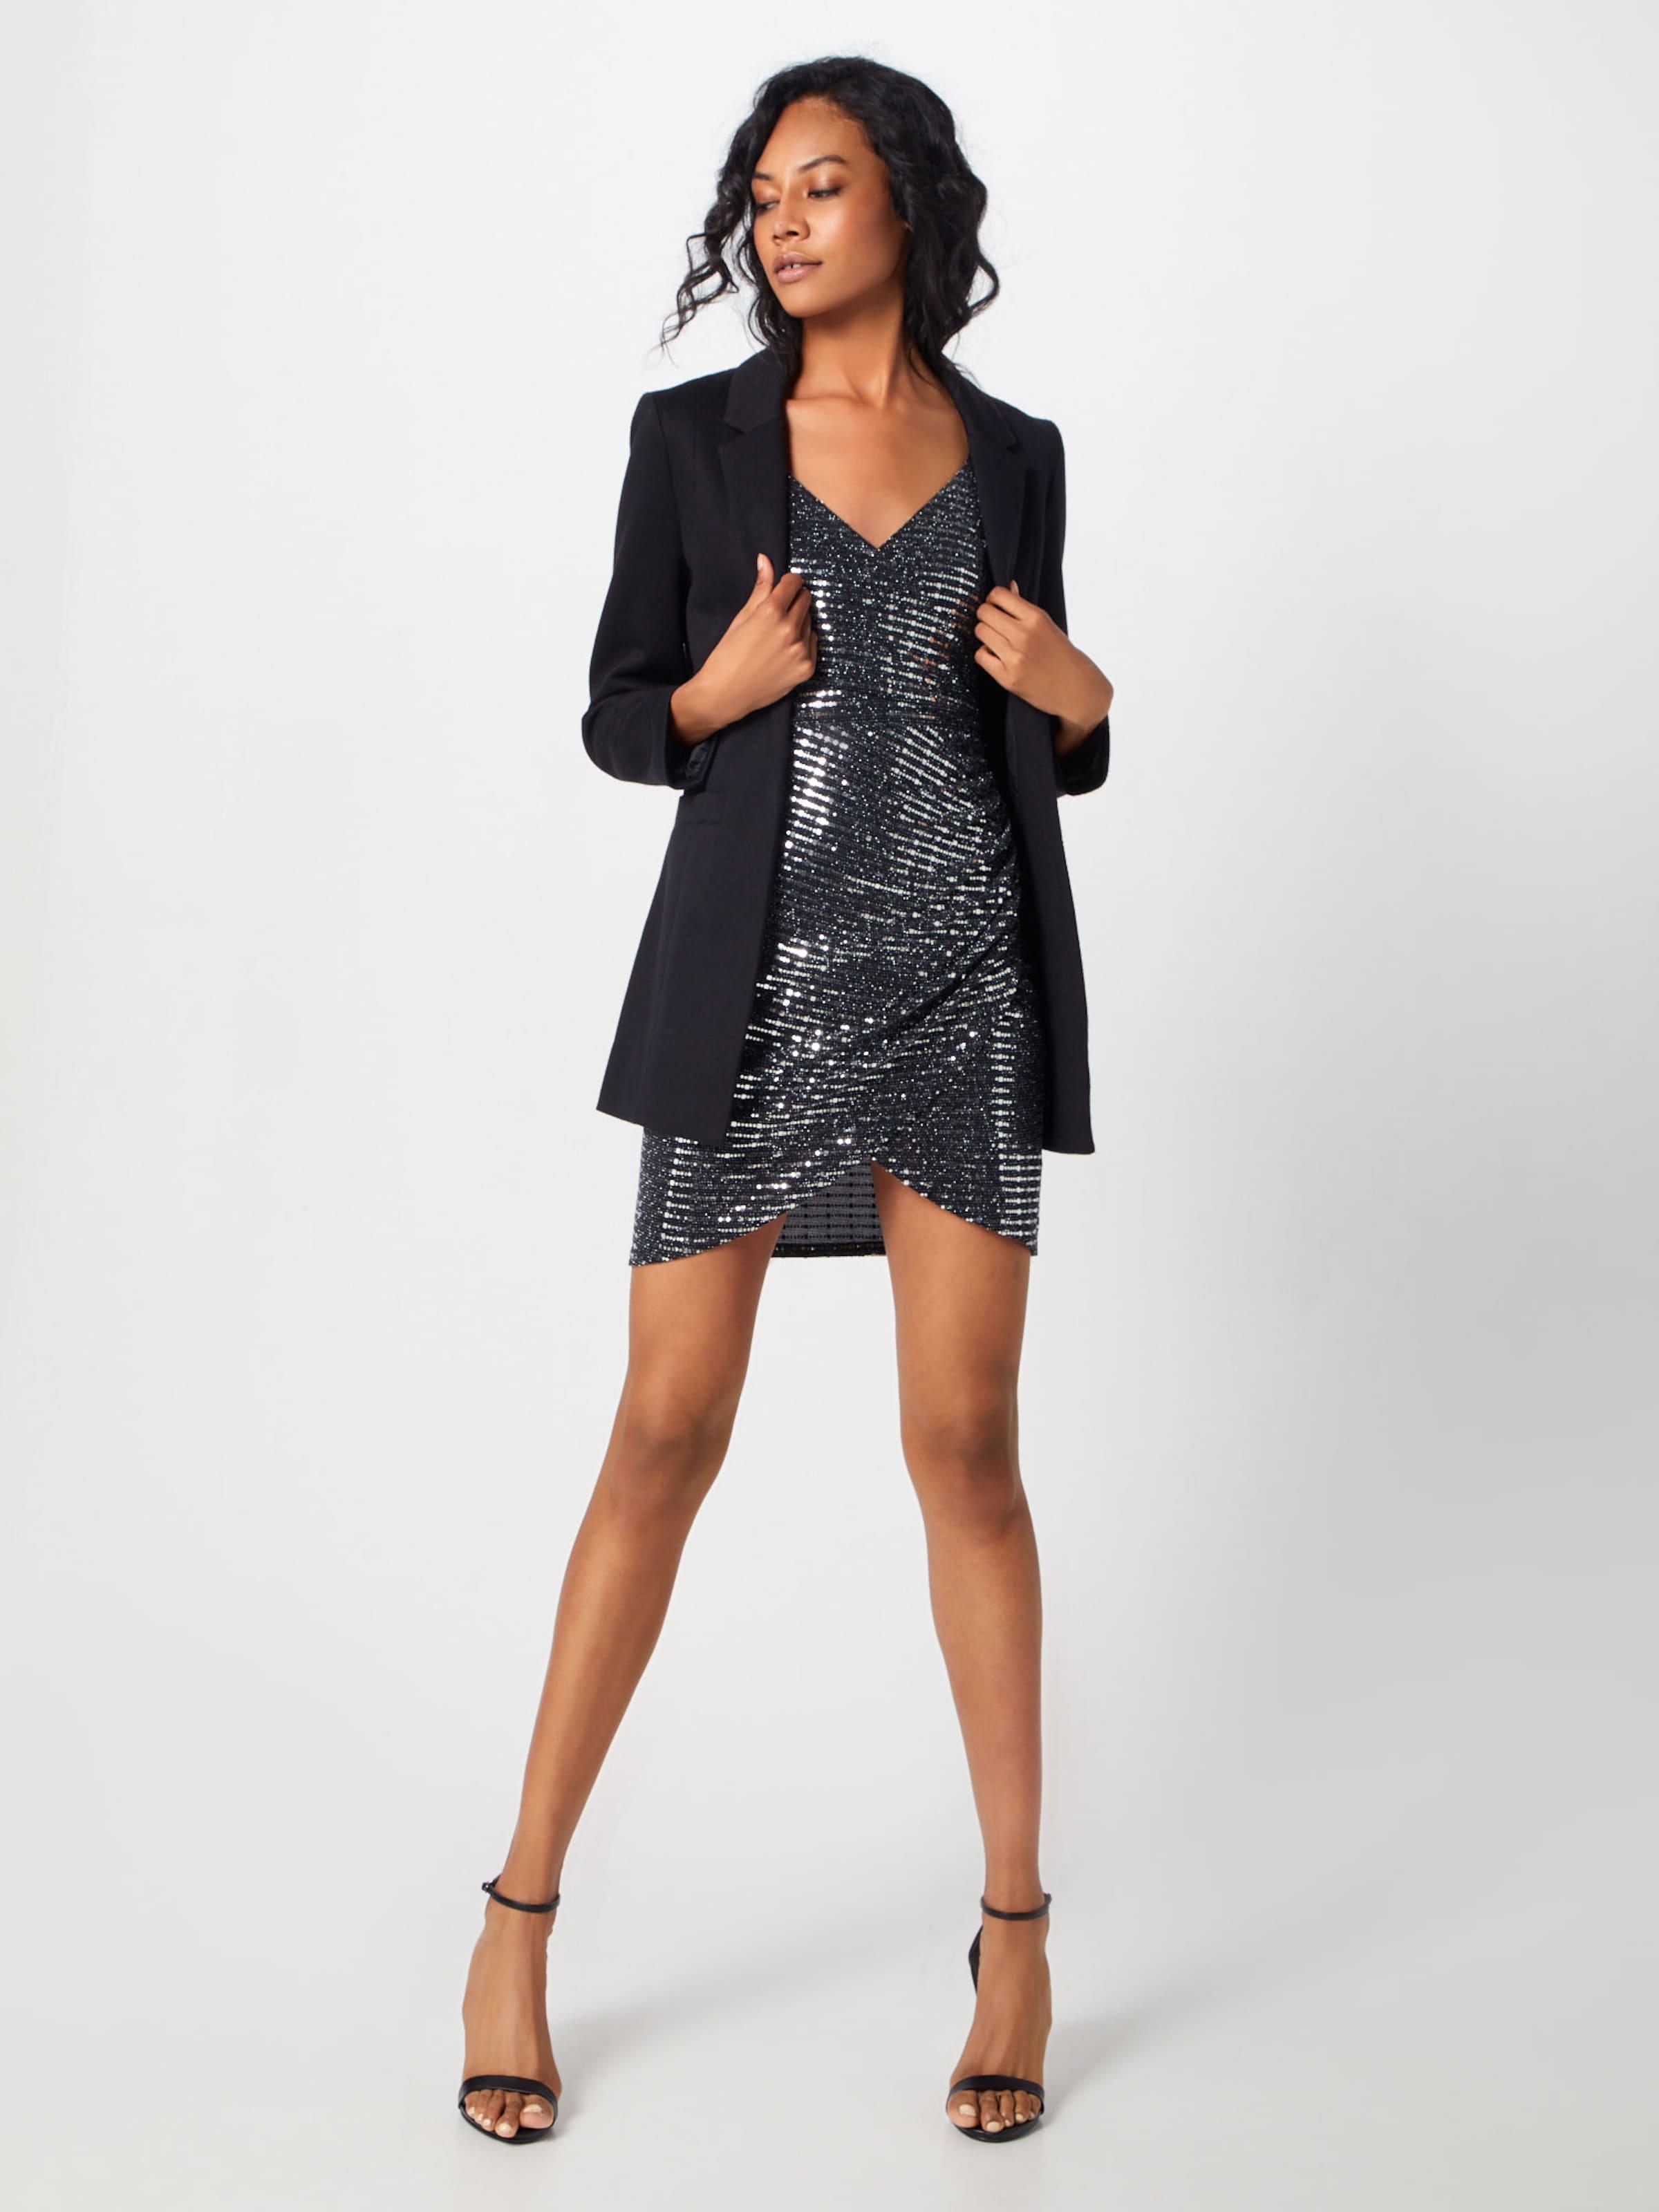 Wrap' Strappy Kleid In SchwarzSilber Boohoo 'metallic 8Pkn0wO